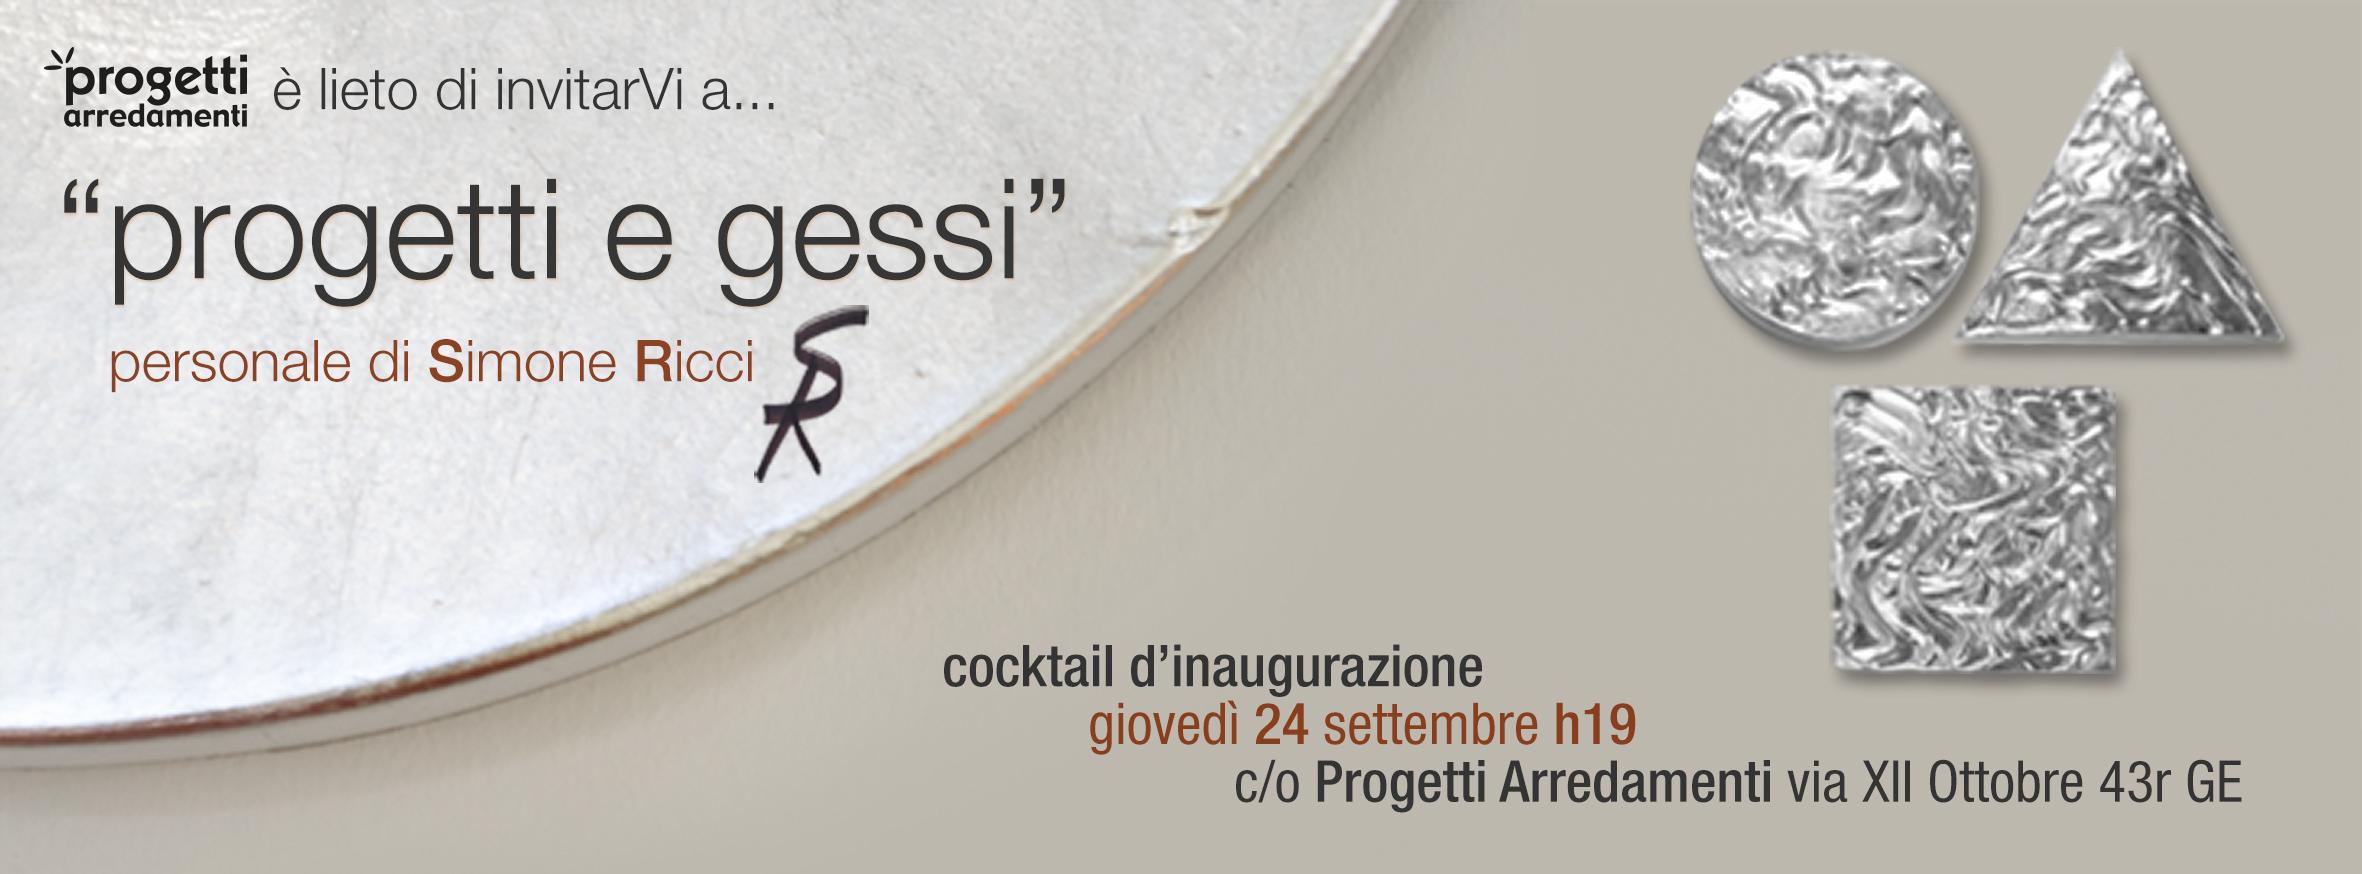 evento_progetti e gessi_invito.jpg